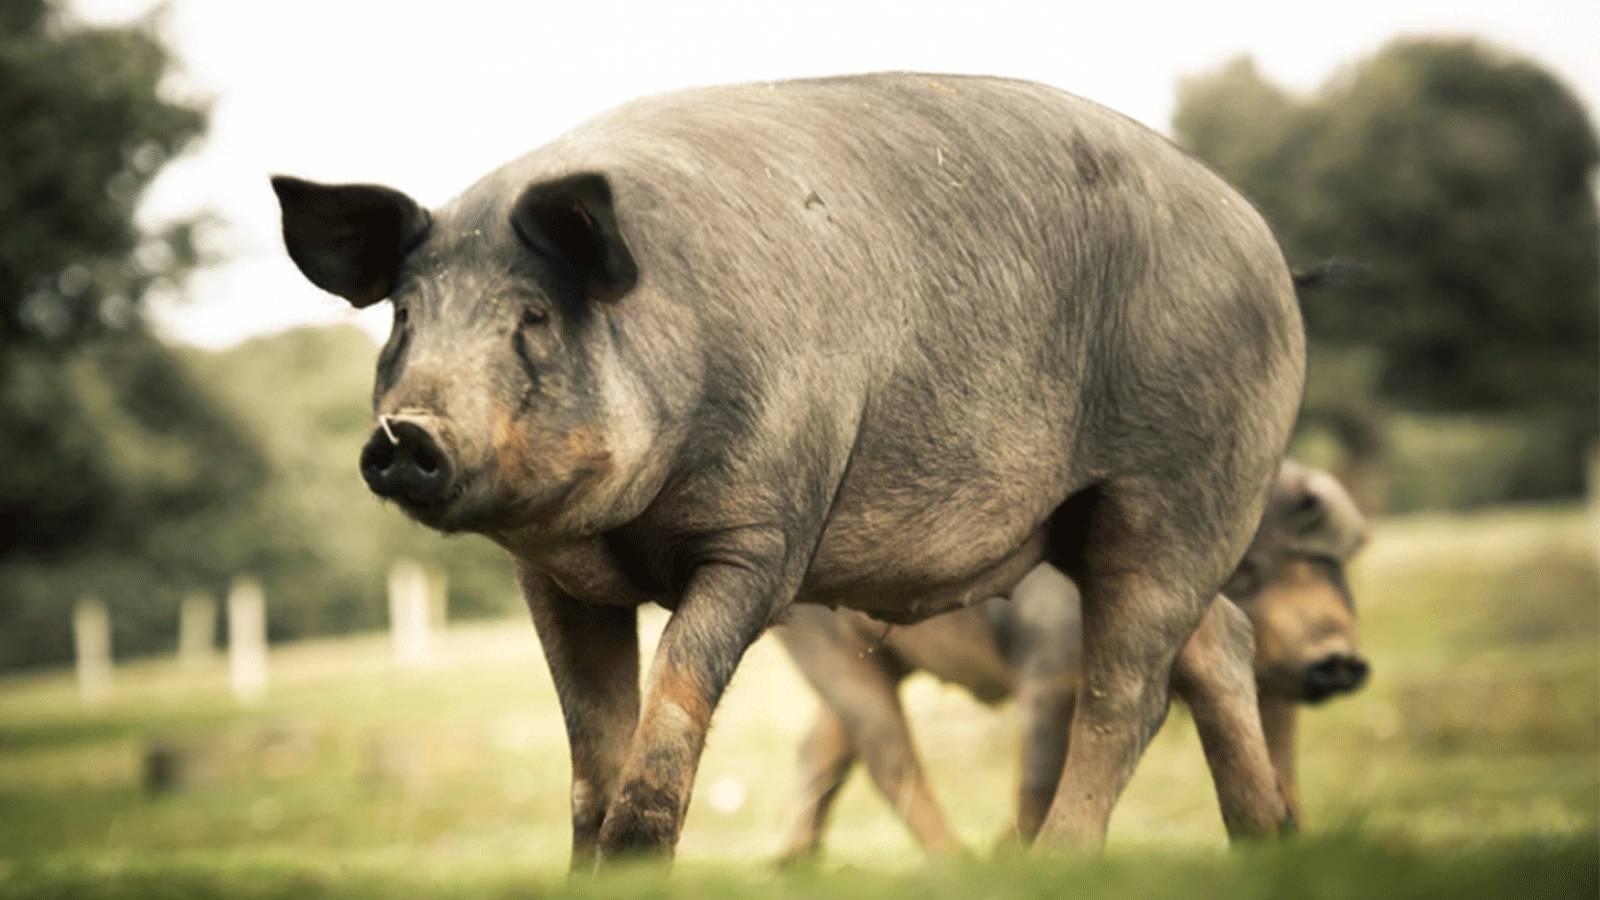 一只猪的最高荣誉,就是被做成伊比利亚火腿